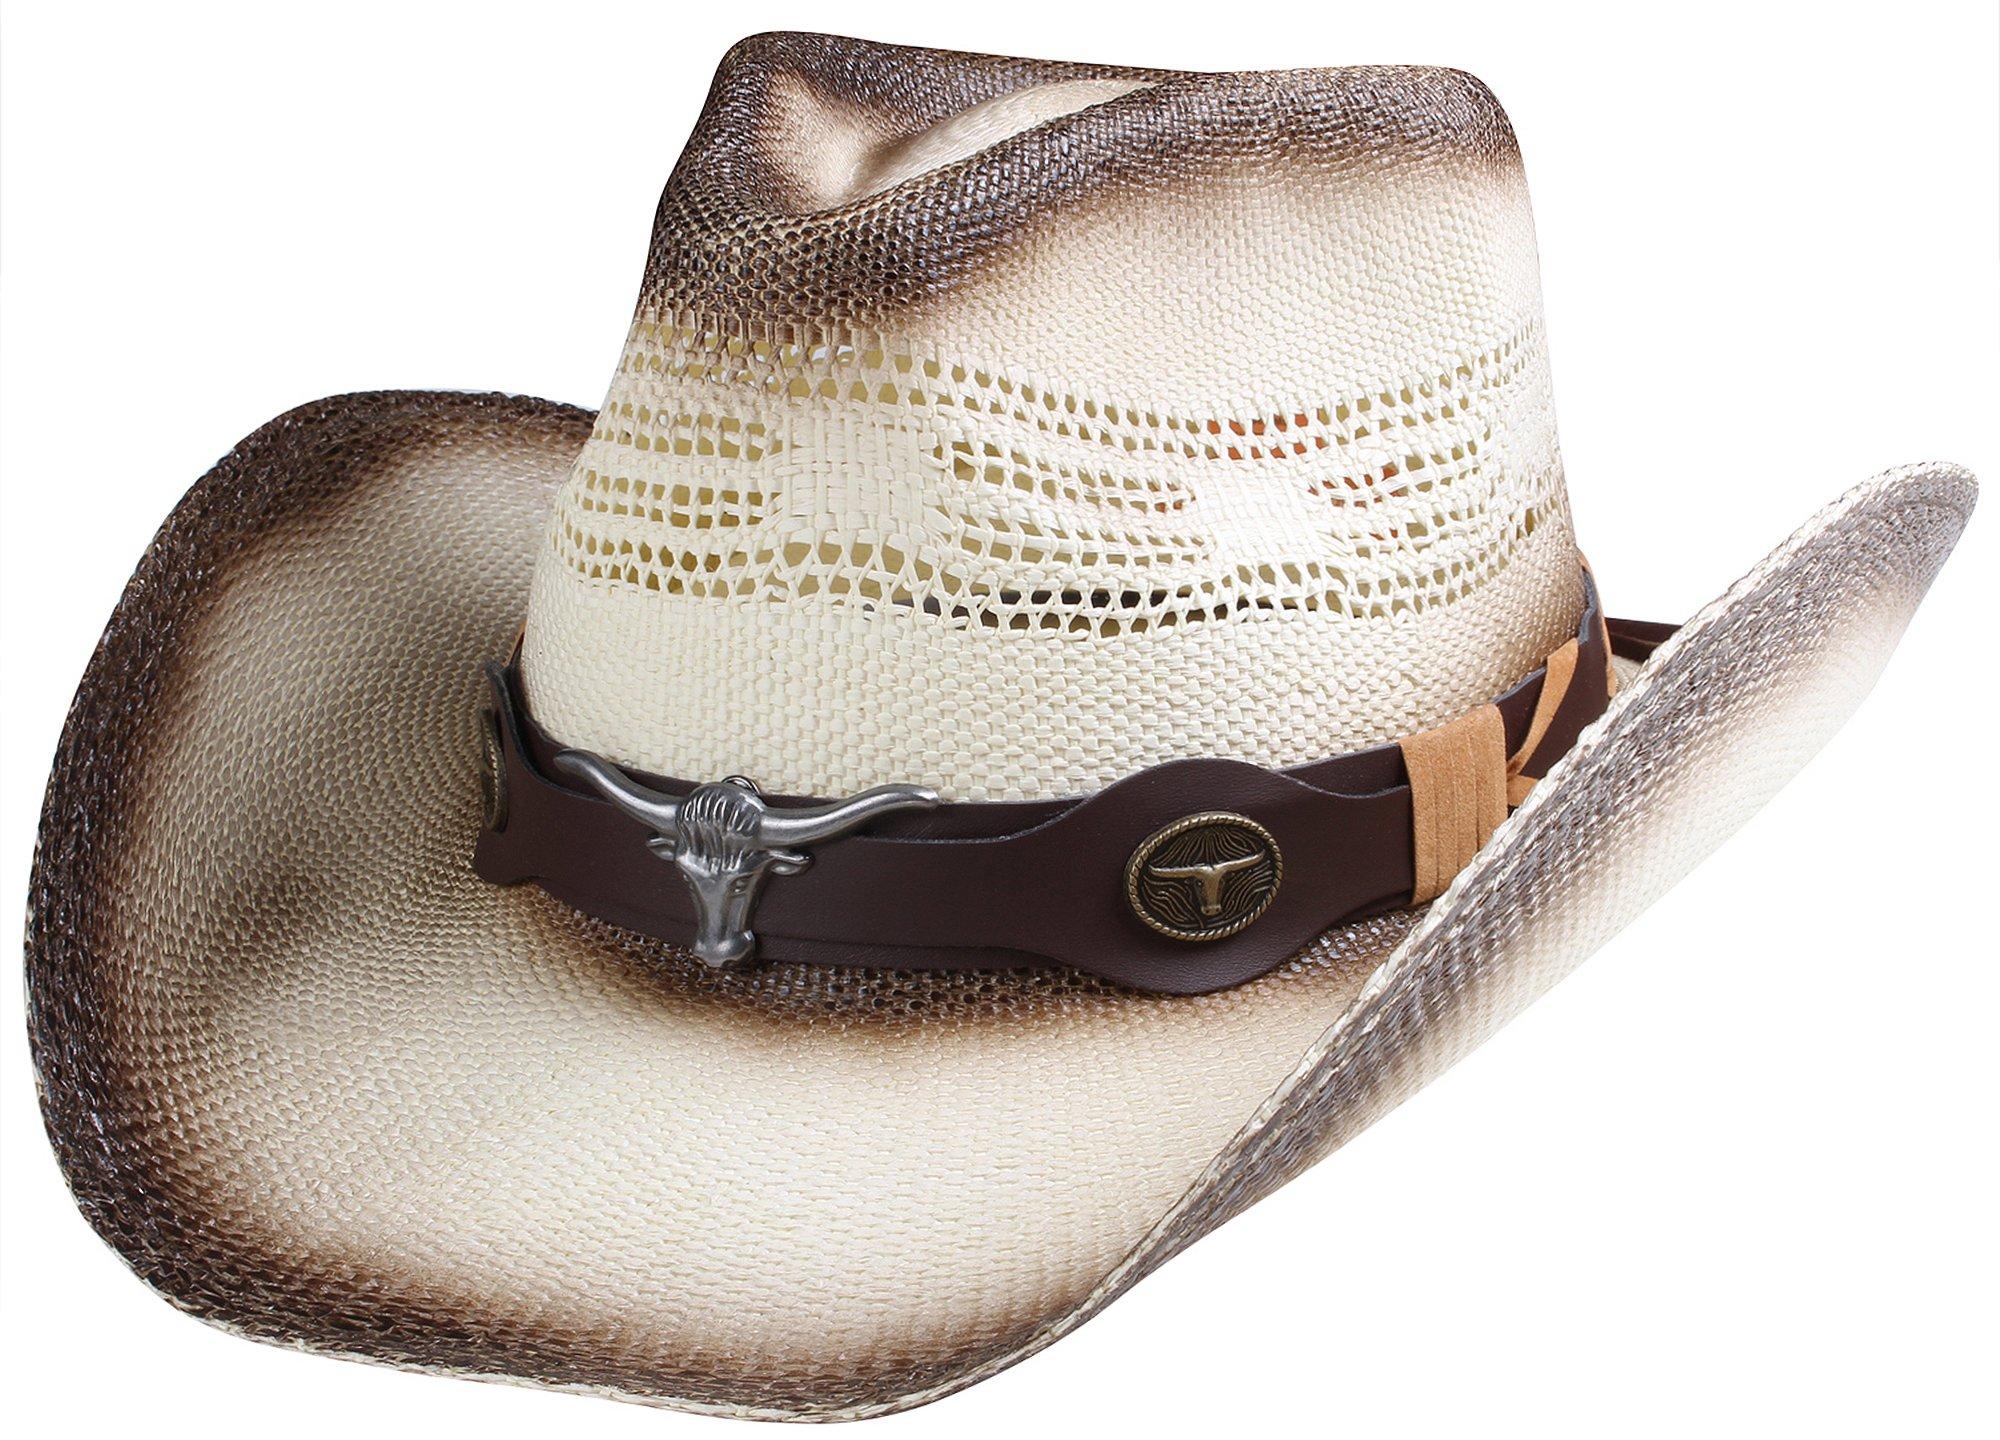 Classic Straw Cowboy Cowgirl Hat Western Outback w/Wide Brim - D by Queue Essentials